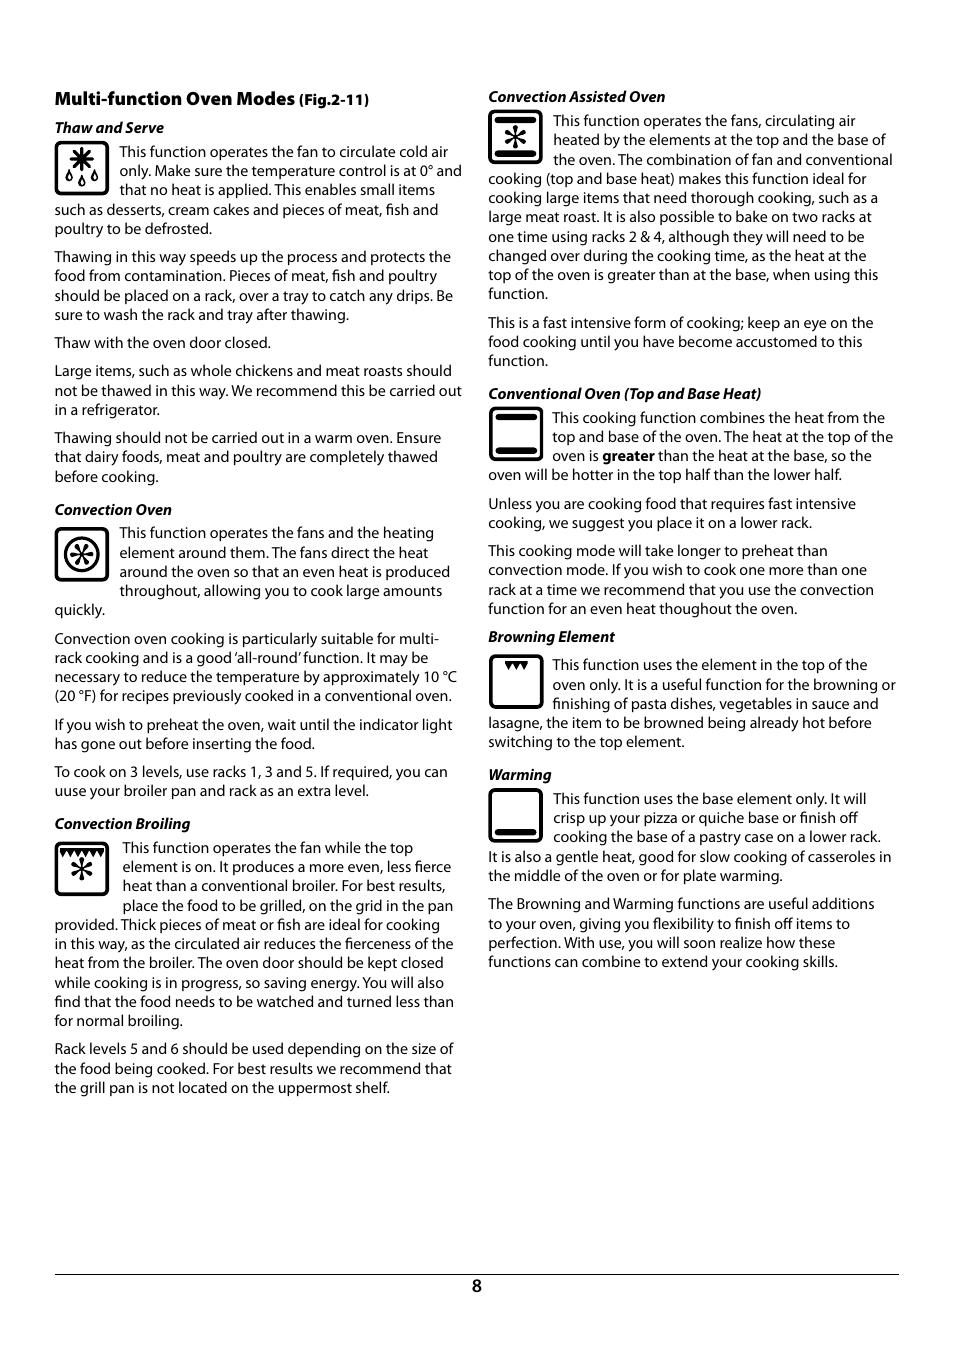 8multi Function Oven Modes La Cornue Cornuf 44 User Manual Page